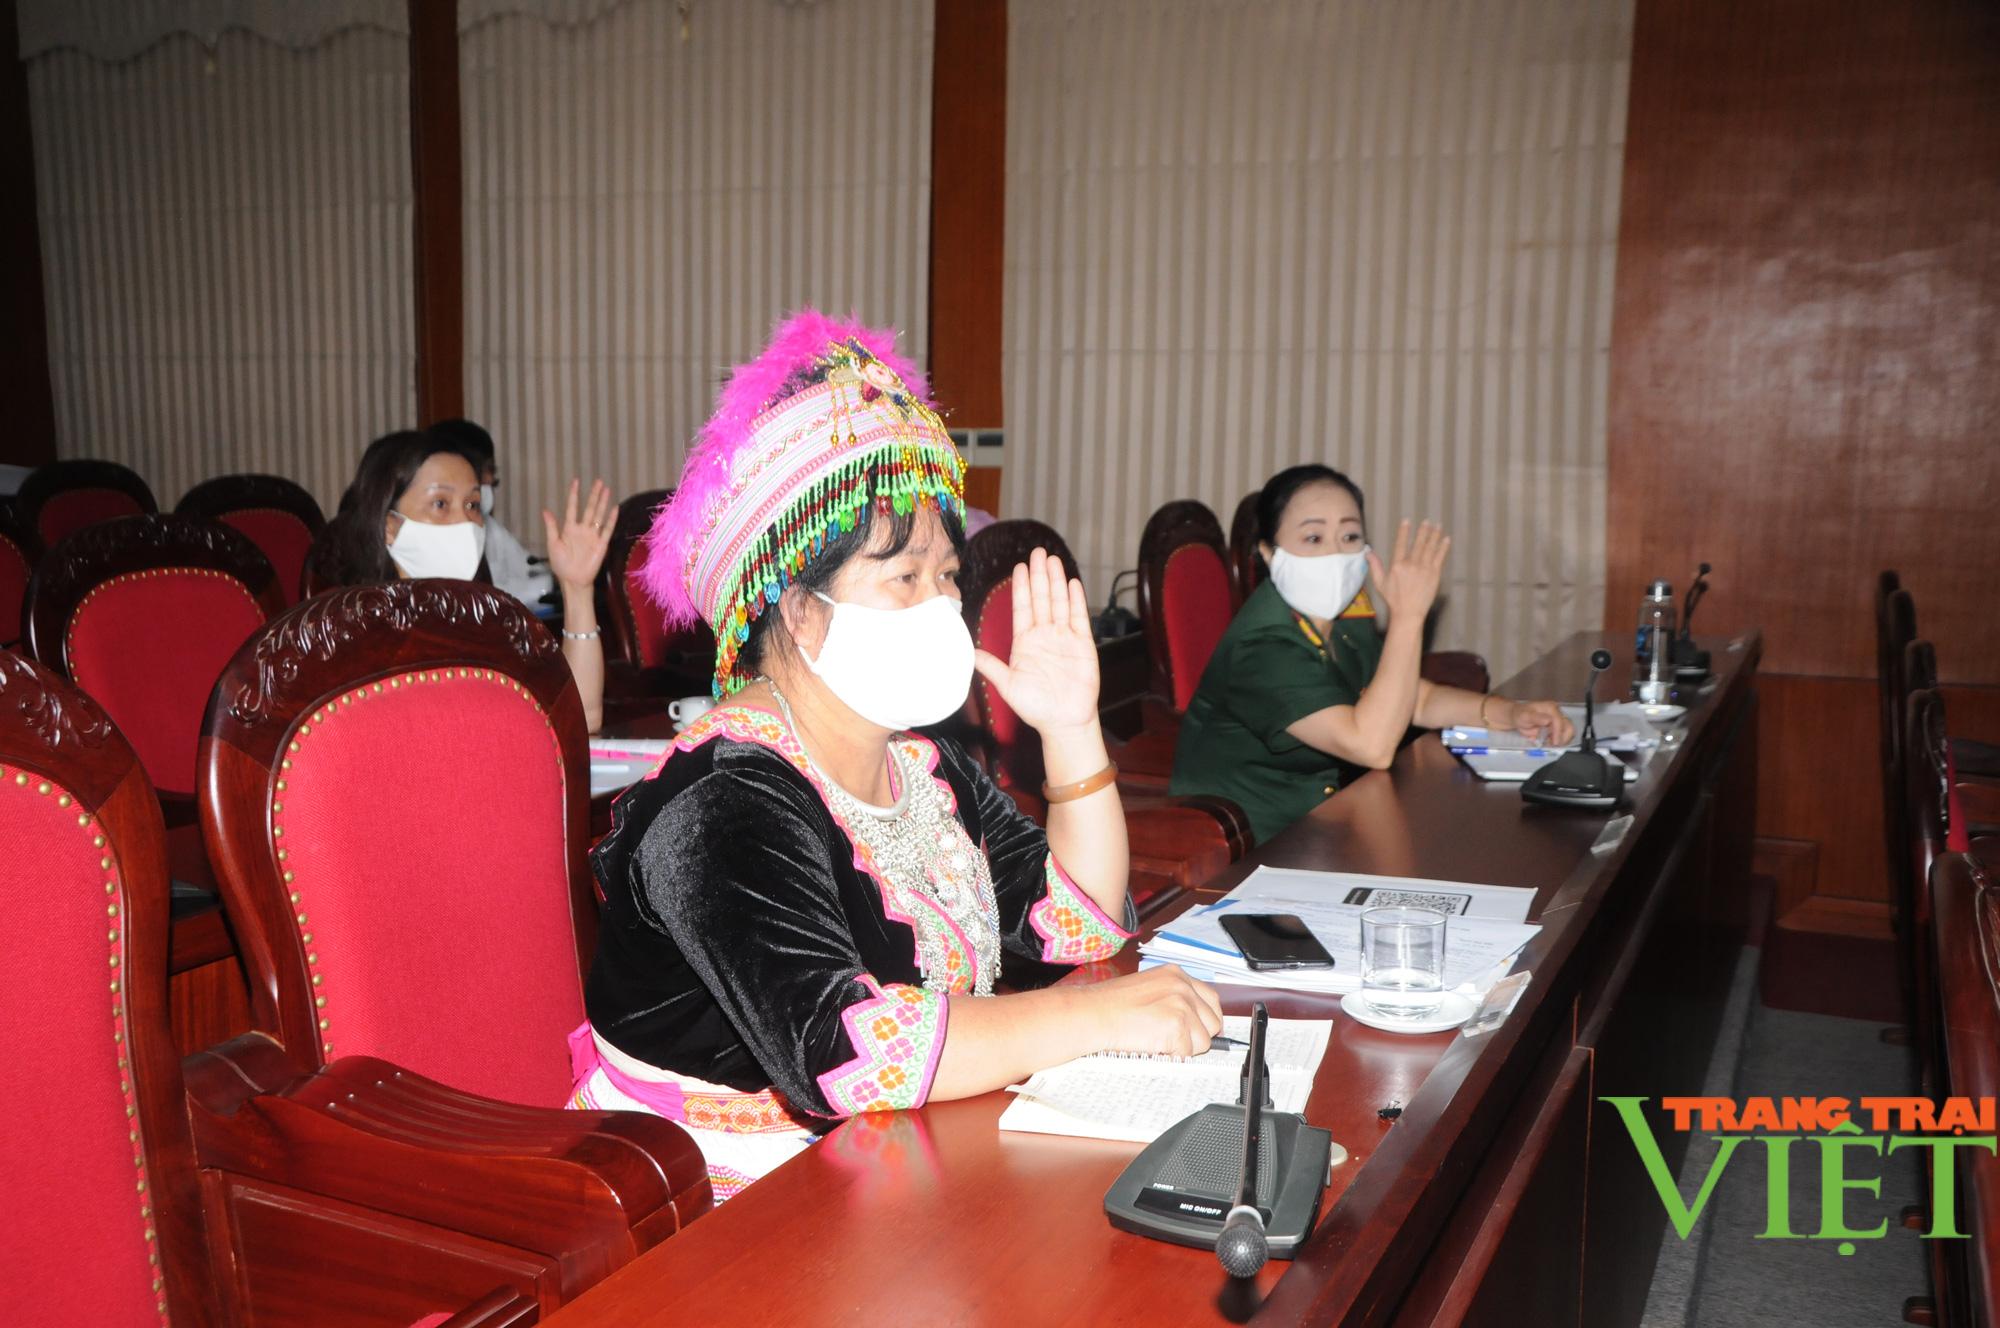 Hội Liên hiệp Phụ nữ tỉnh Sơn La: Giúp hơn 2.000 hộ nghèo thoát nghèo - Ảnh 7.